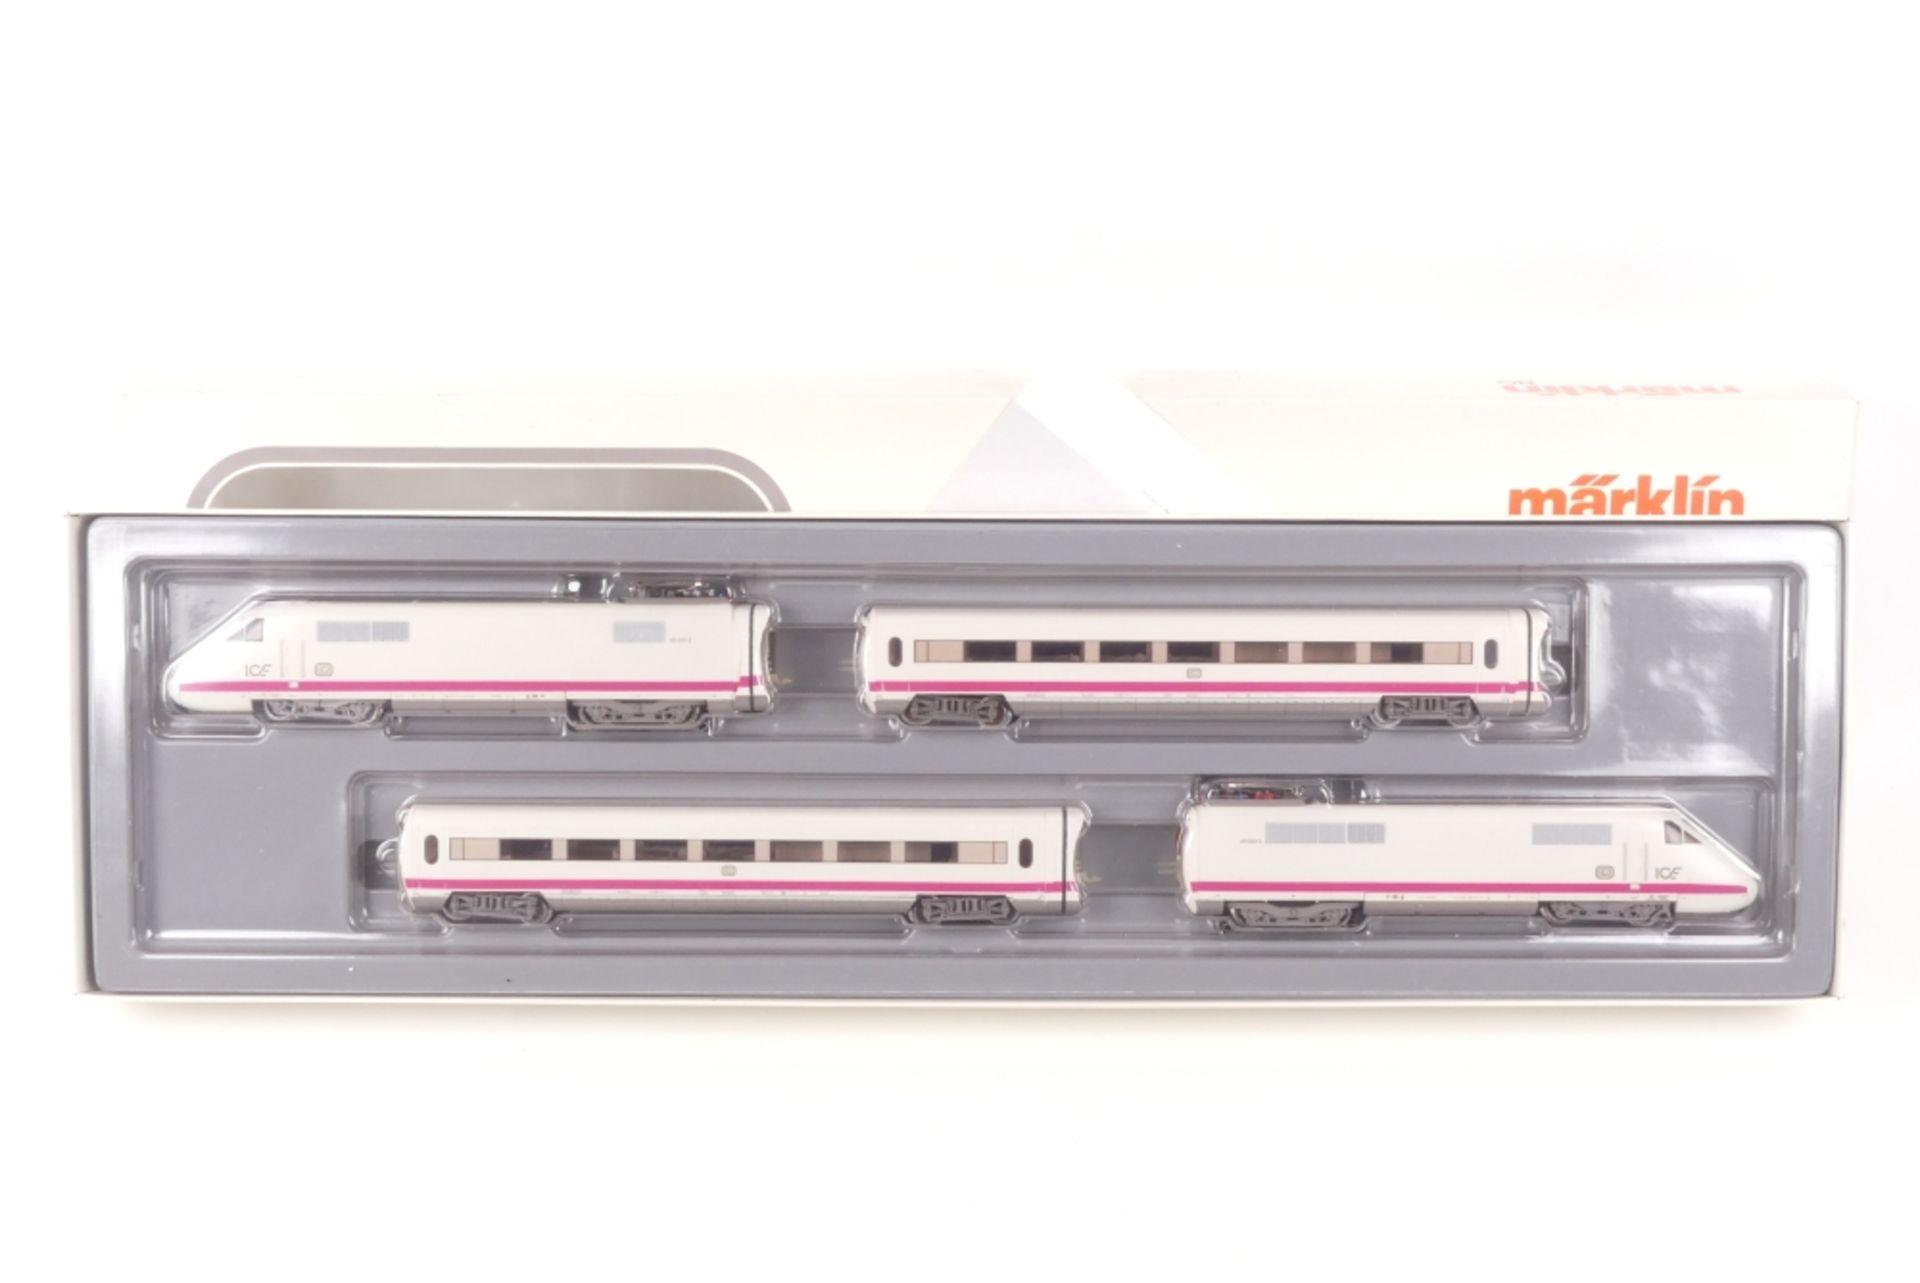 Märklin 3371Märklin 3371, vierteiliger ICE-Triebwagenzug, elektronische Umschaltung,